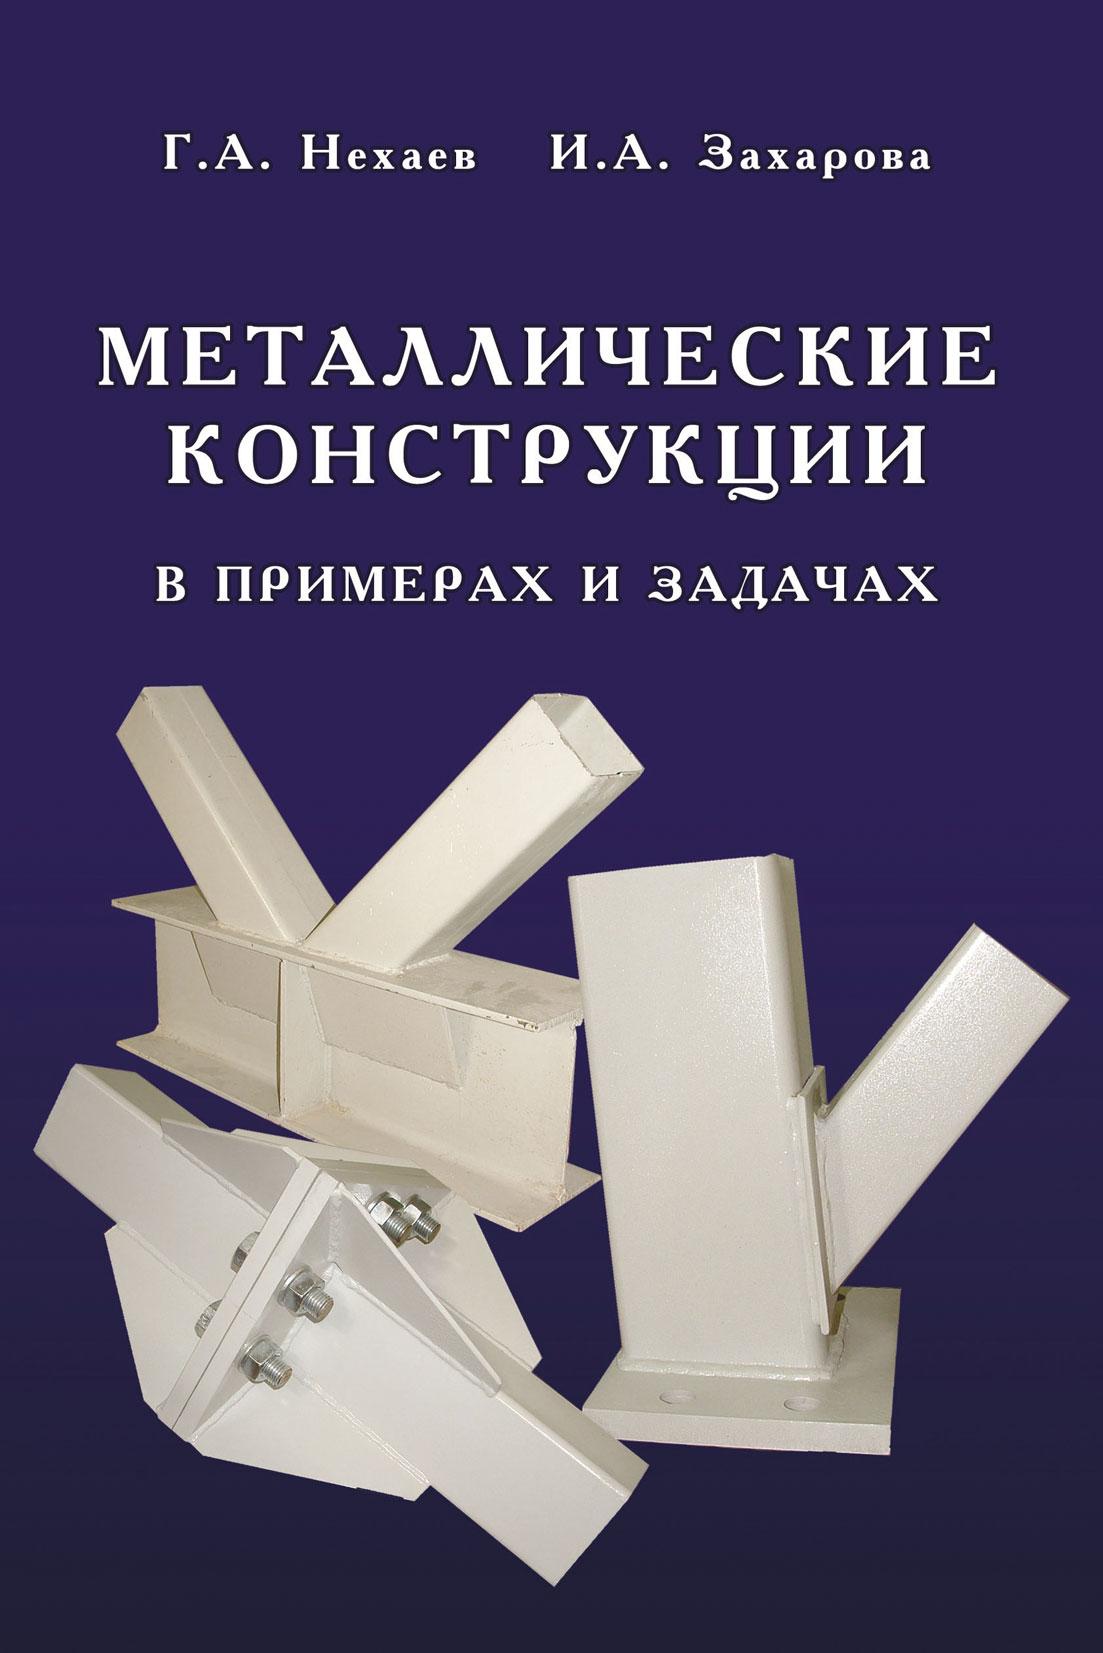 Г. А. Нехаев Металлические конструкции в примерах и задачах